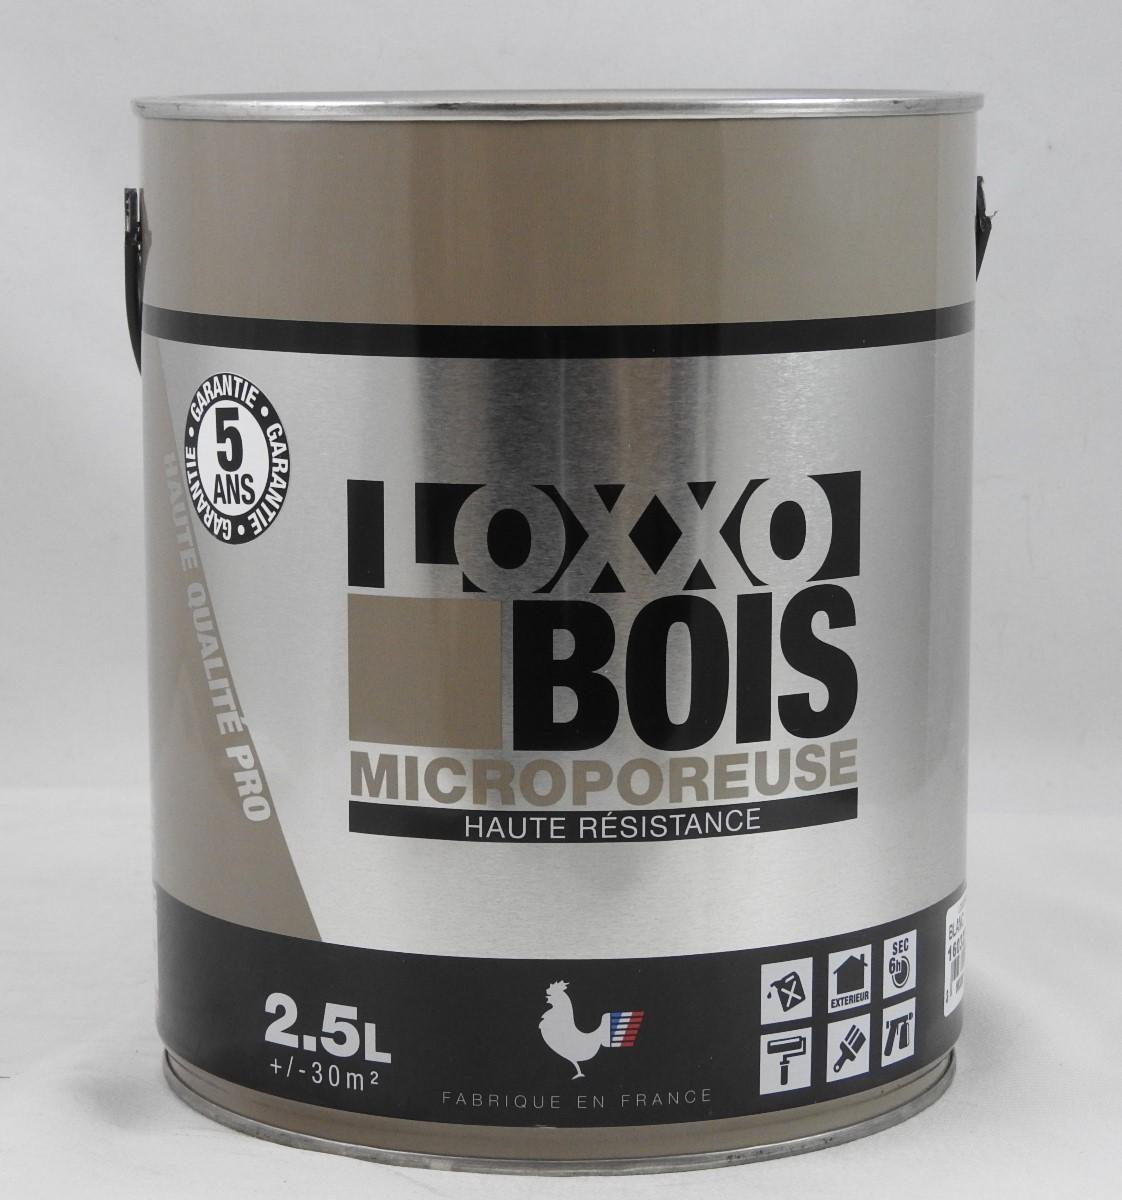 peinture microporeuse sp cial bois loxxo 2 5l innova loxxo bois 2 5l g 39 peint destockage de. Black Bedroom Furniture Sets. Home Design Ideas